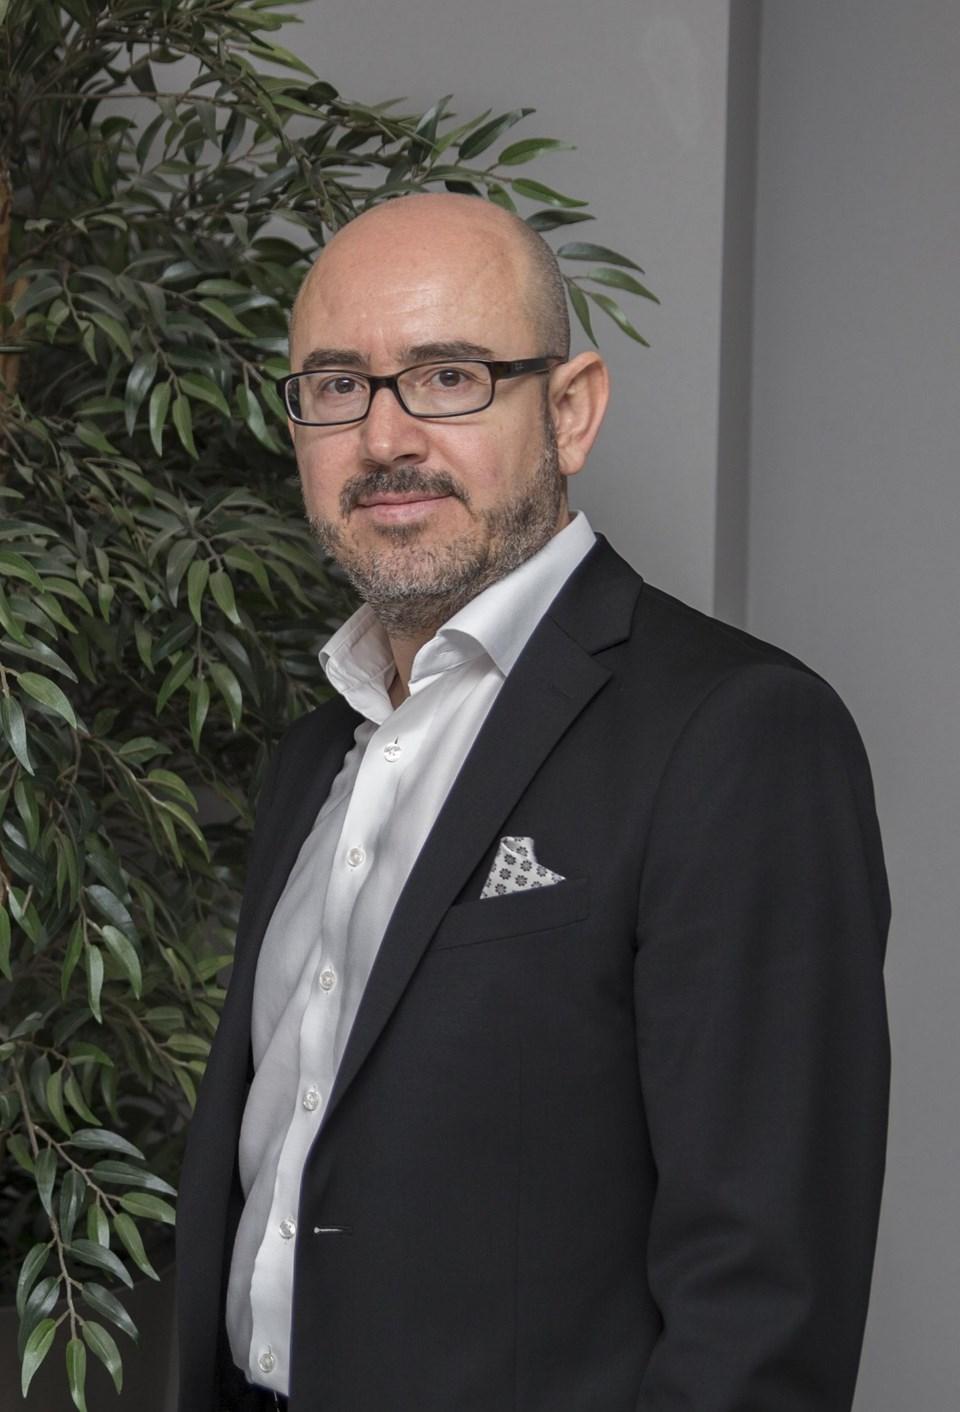 Multinet Up CEO'su Demirhan Şener